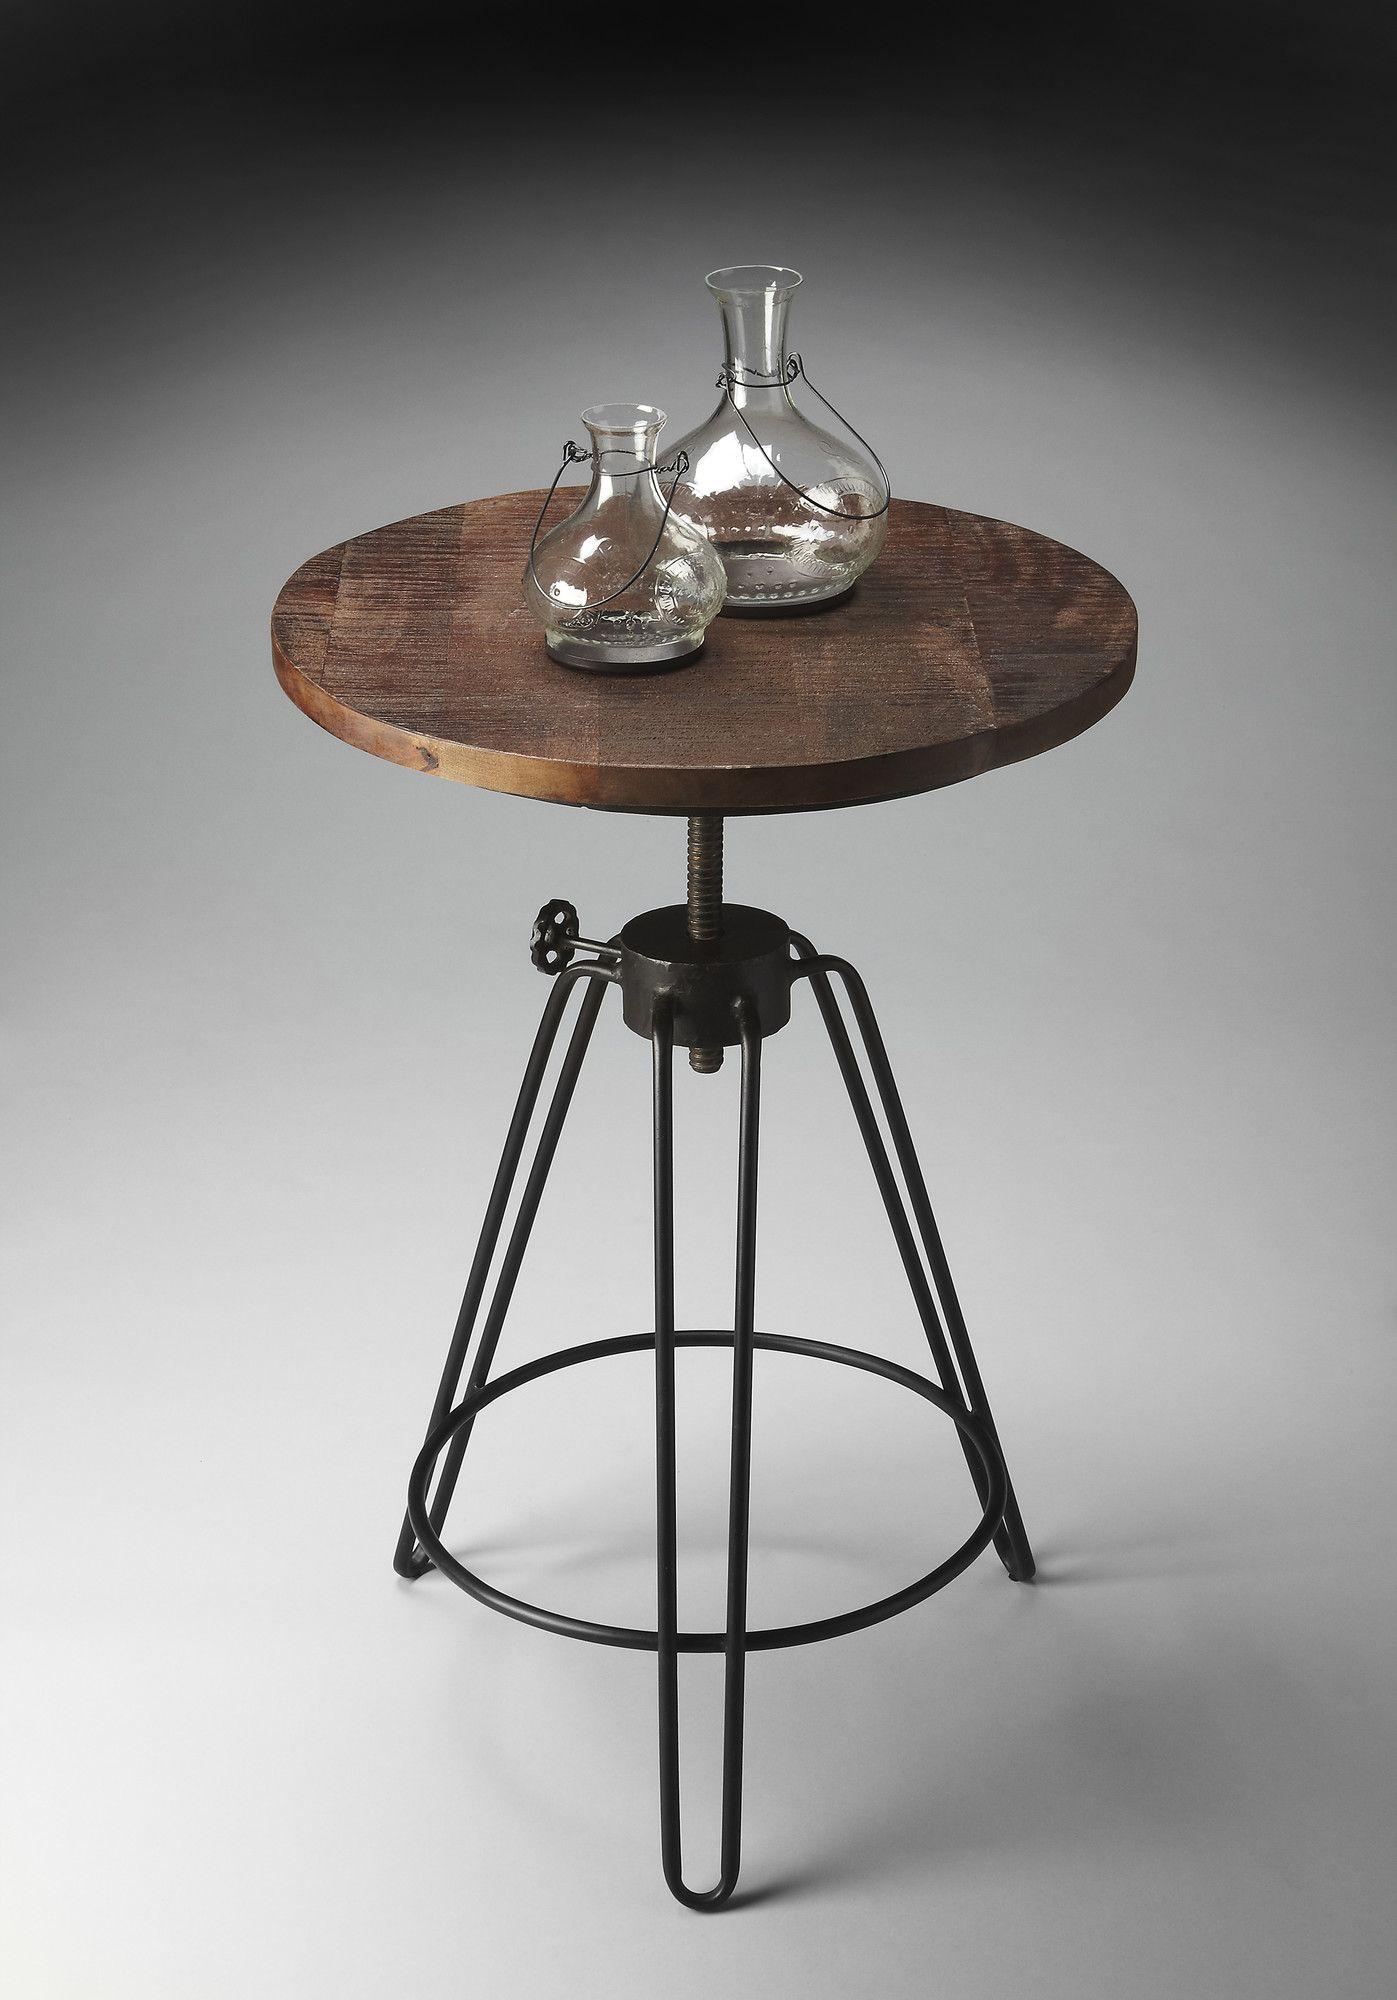 Roanoke Side Table Rustic Industrial On Joss Main Wood Accent Table Adjustable Side Table Side Table